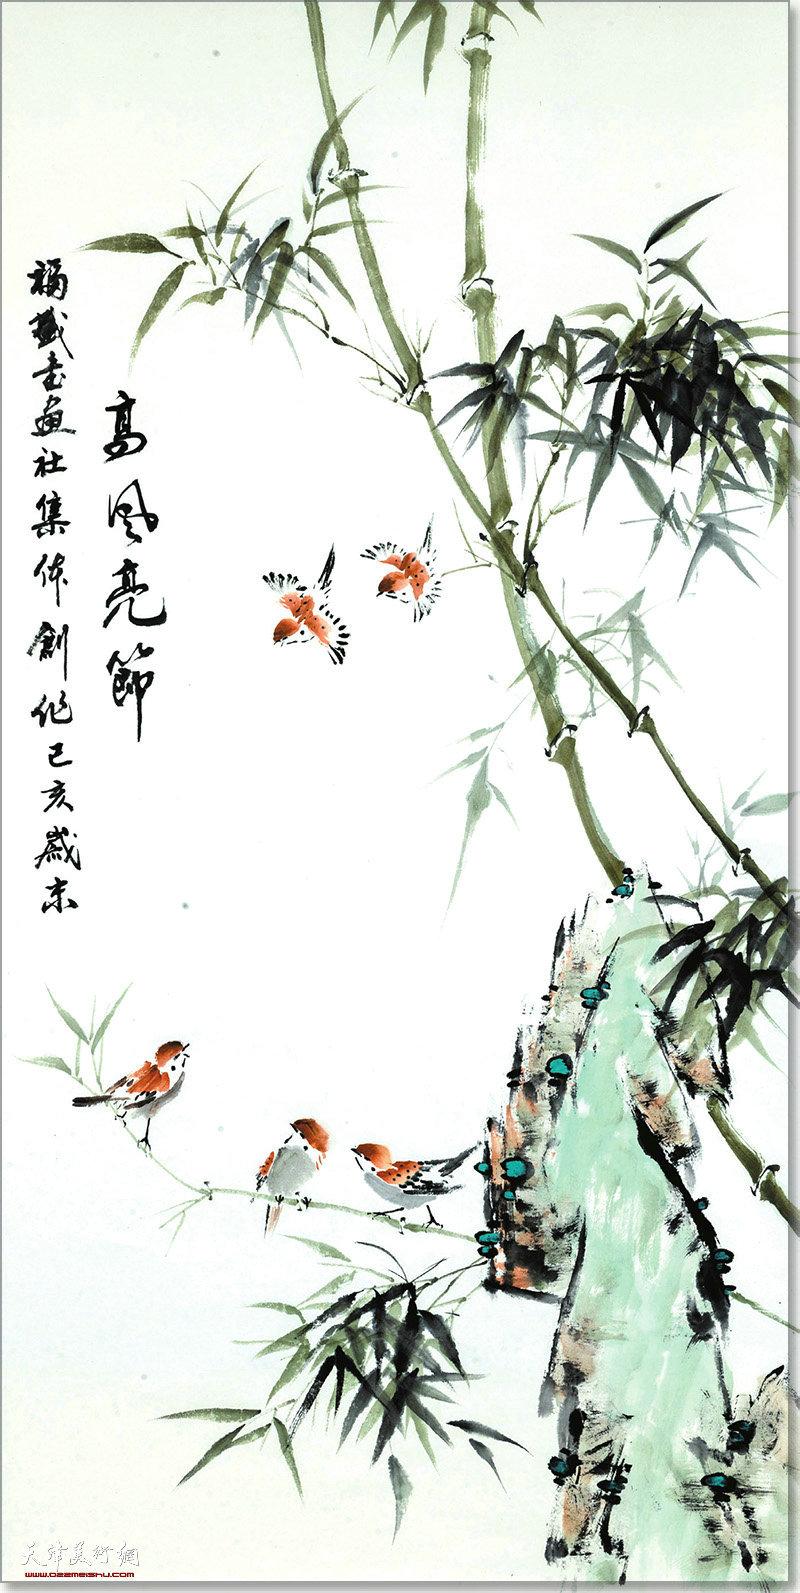 福盛书画社集体创作作品:高风亮节